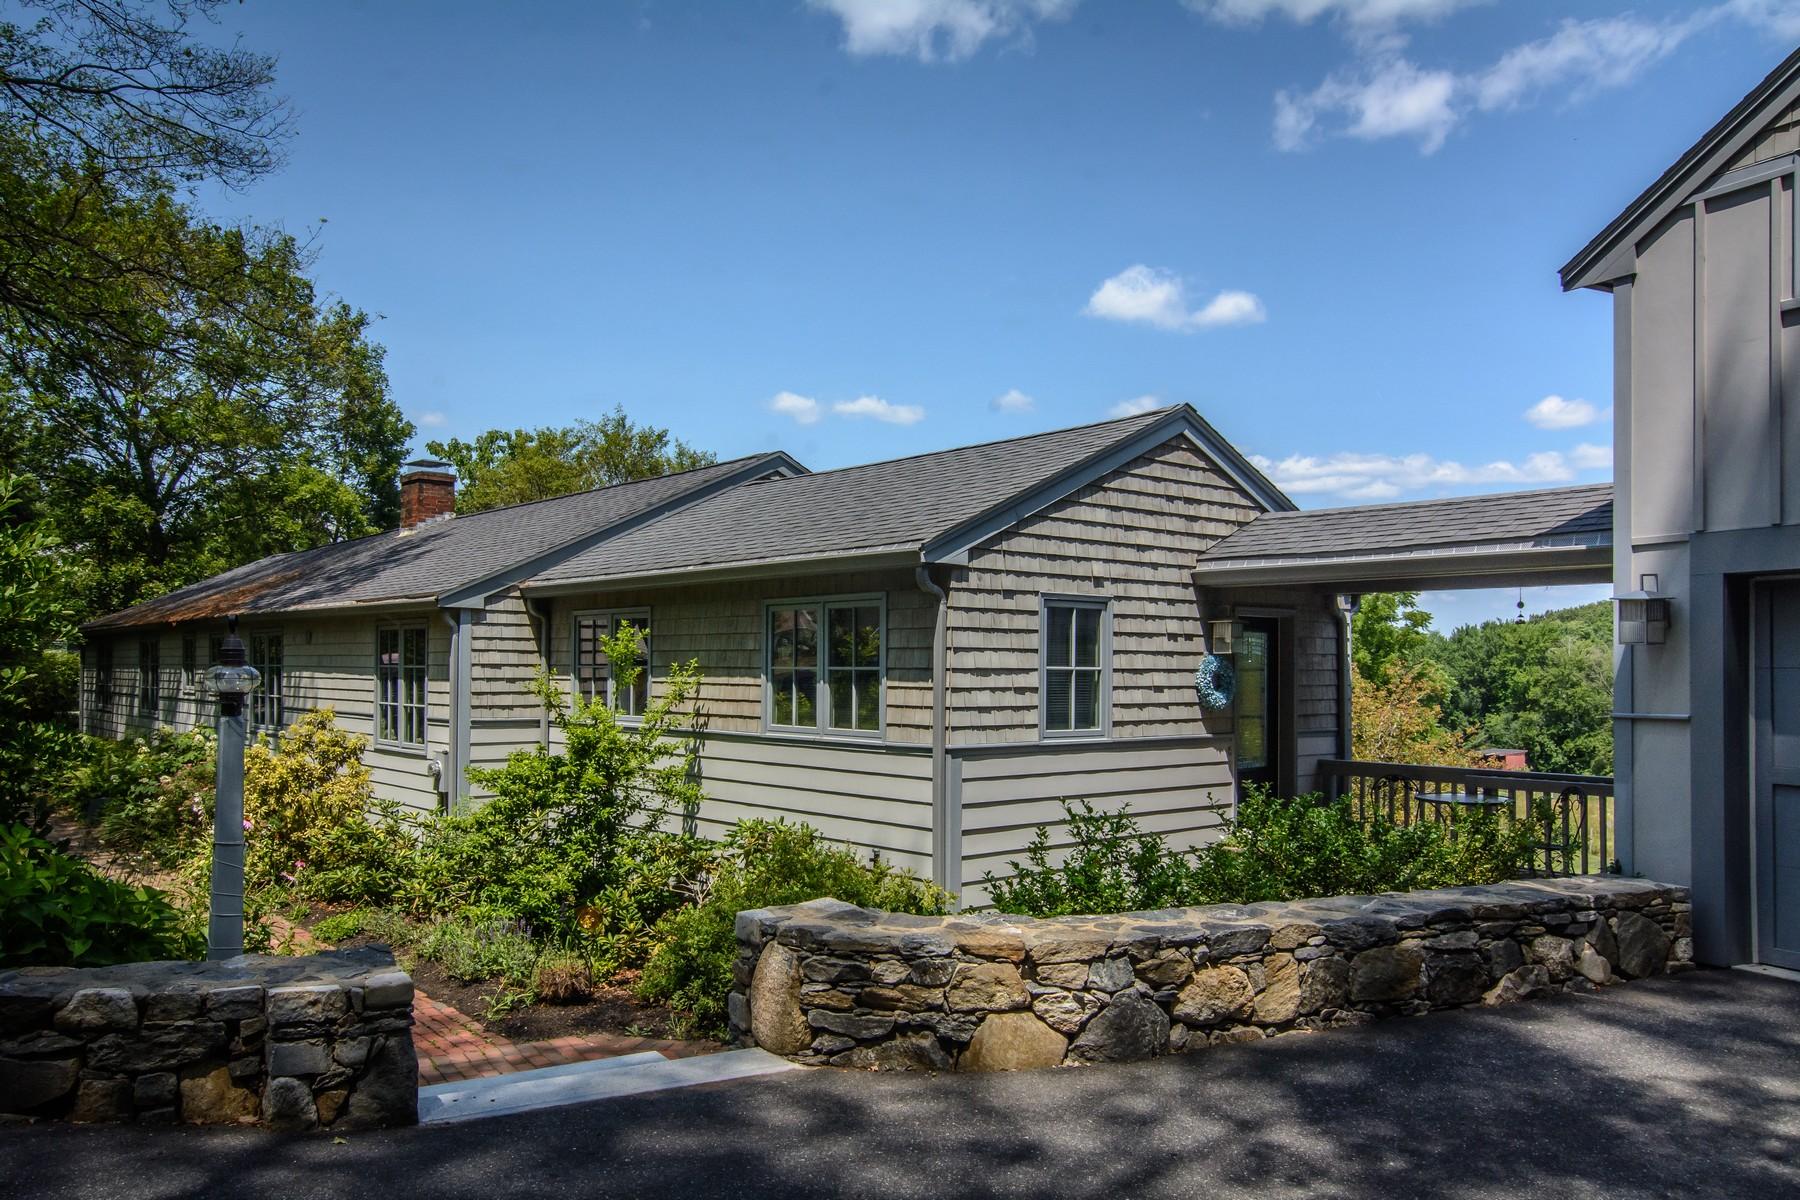 Maison unifamiliale pour l Vente à Architect-designed Contemporary Farmhouse Ranch 26 Chestnut Street Westborough, Massachusetts, 01581 États-Unis